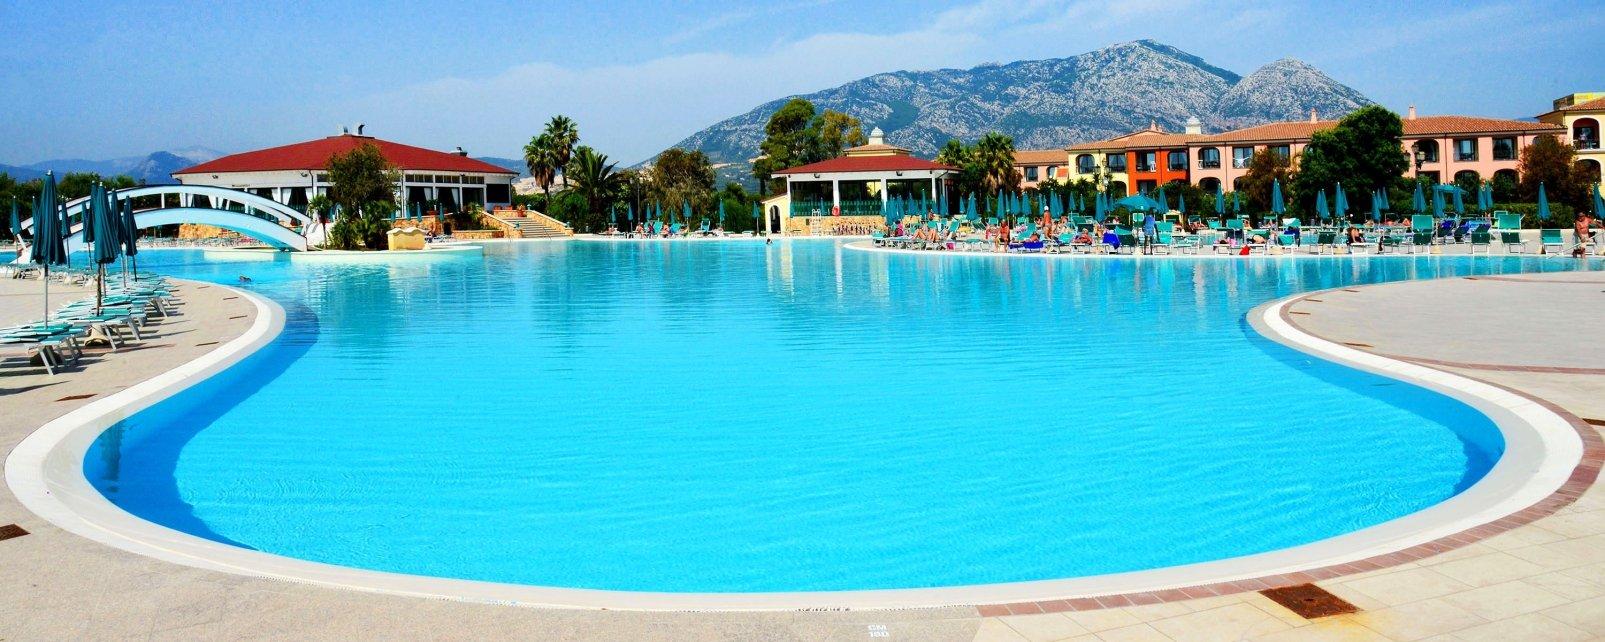 Hotel Club Hotel Marina Beach